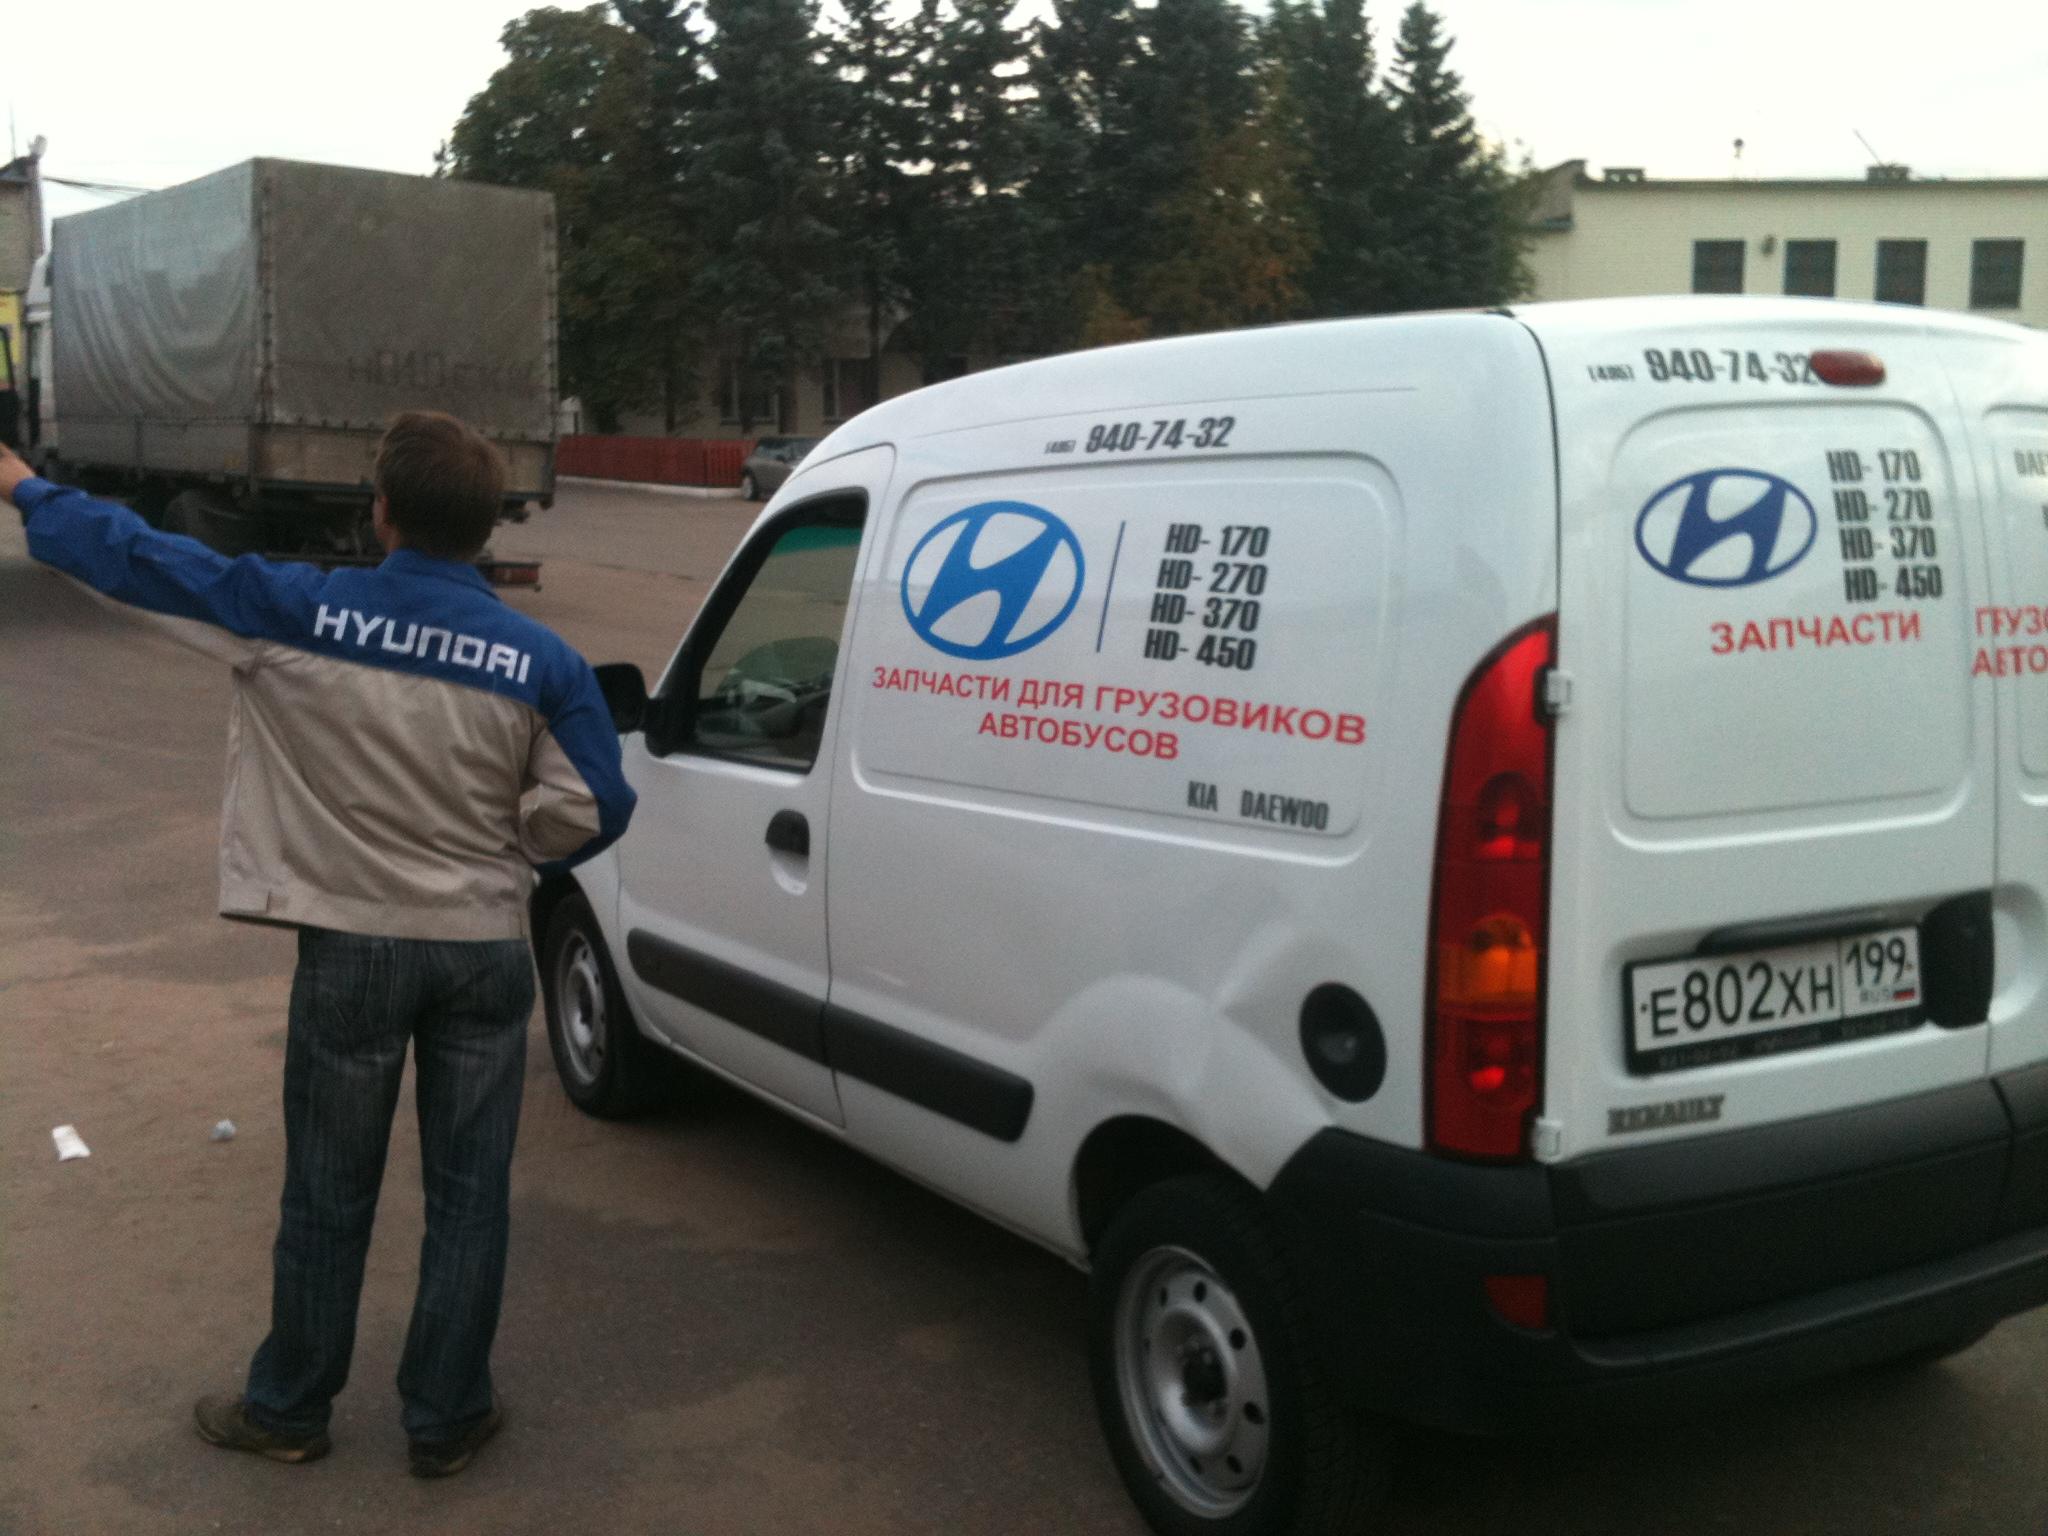 Запчасти HYUNDAI HD170 доставка,запчасти HYUNDAI с доставкой по Москве ,Росии, СНГ